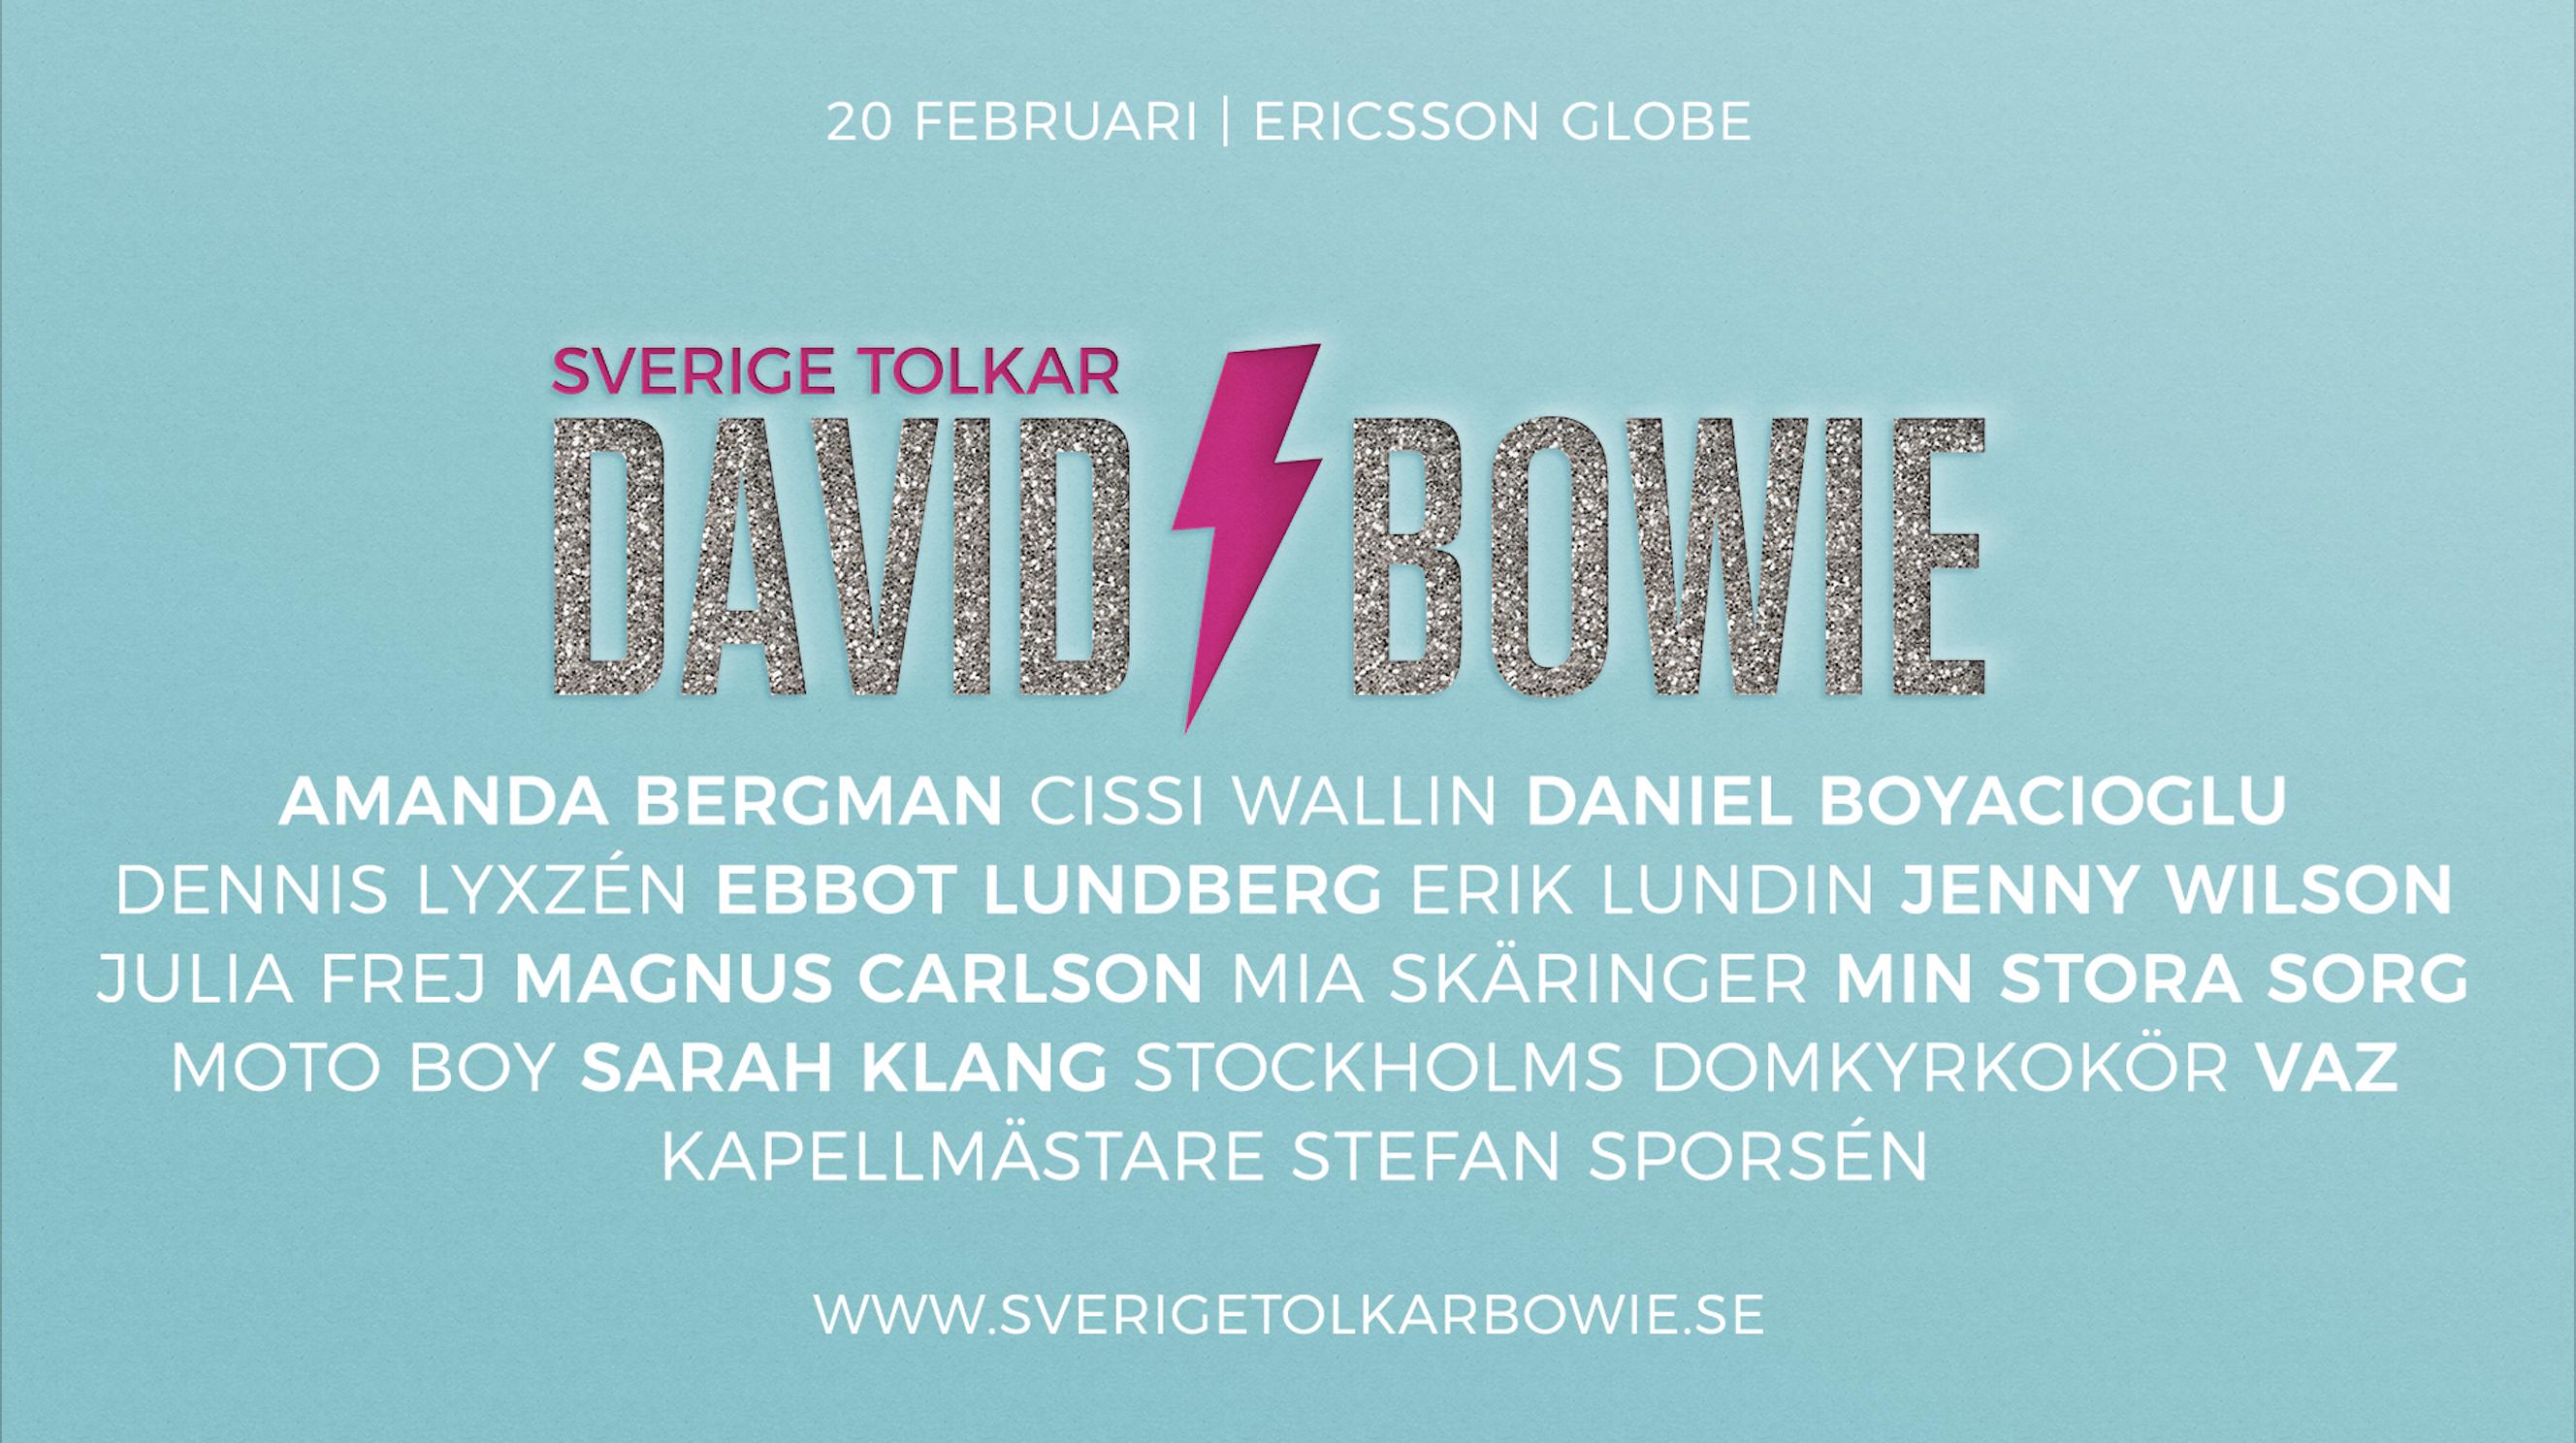 Sverige tolkar David Bowie